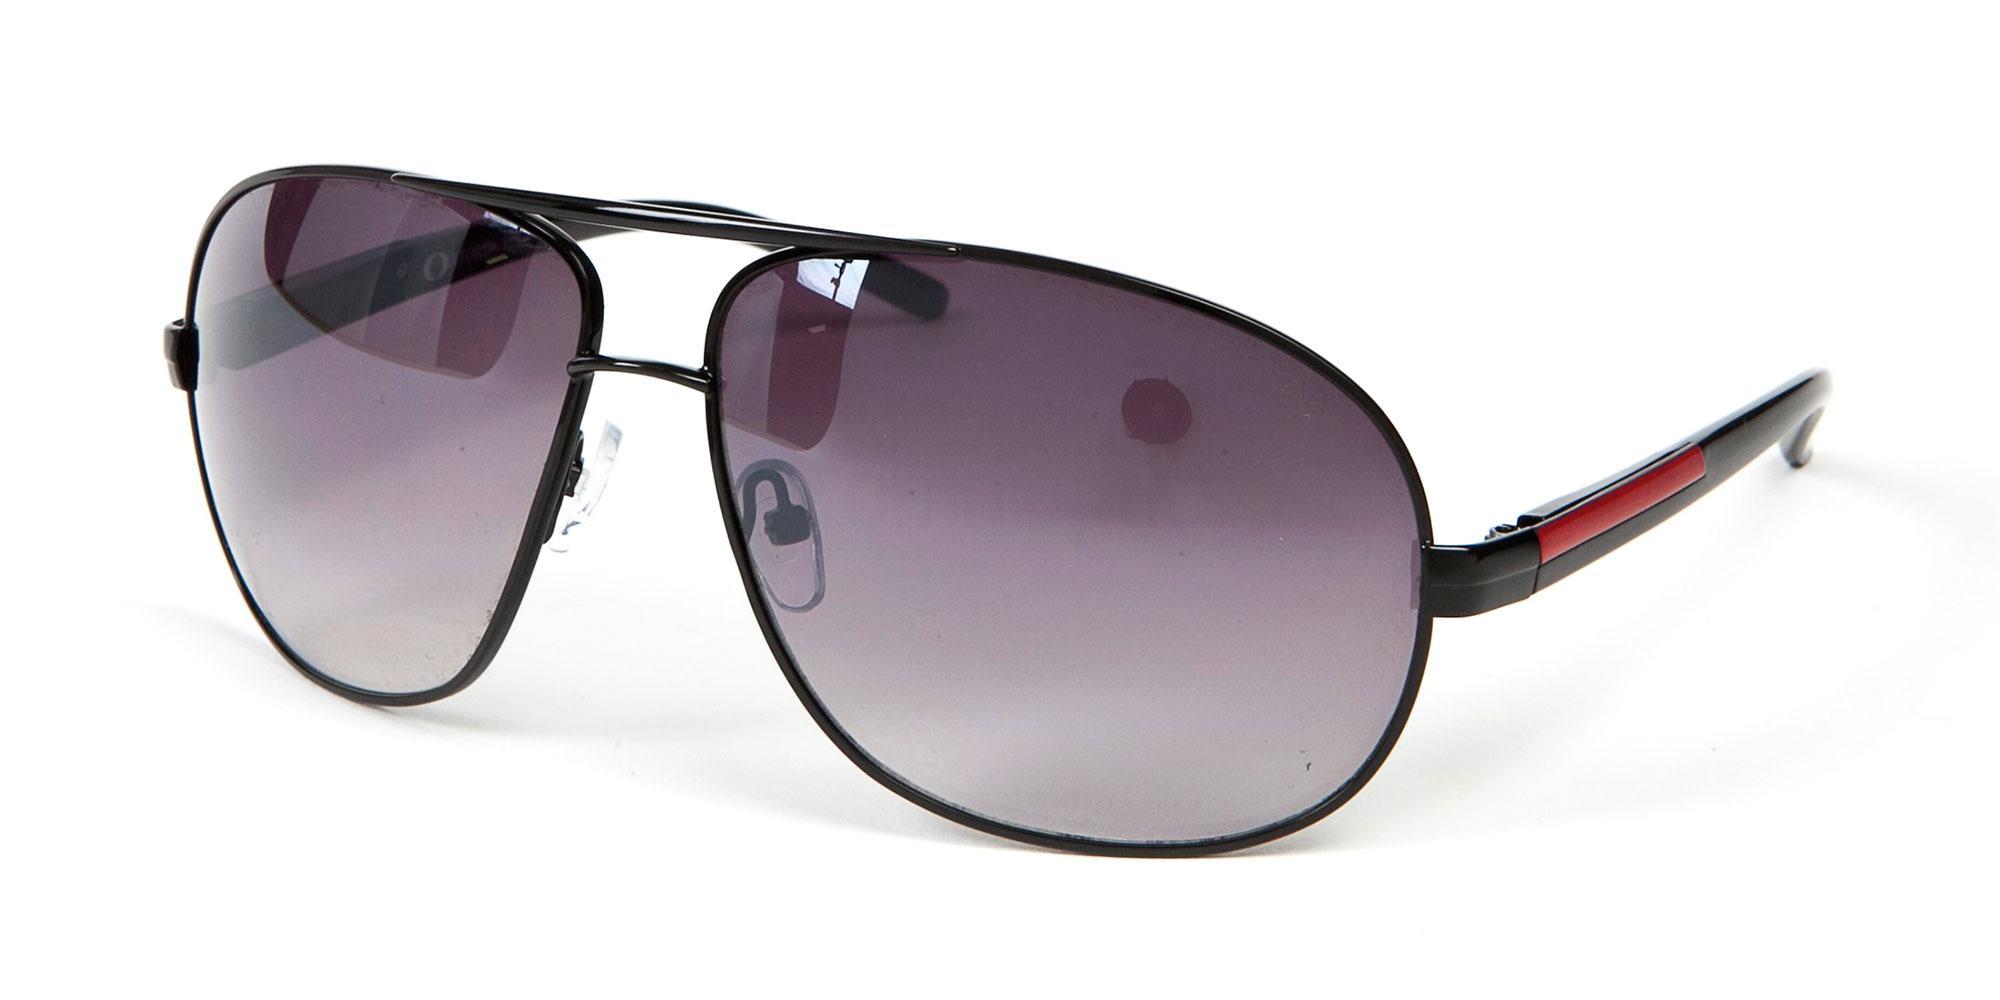 C1 127S Sunglasses, Oxford